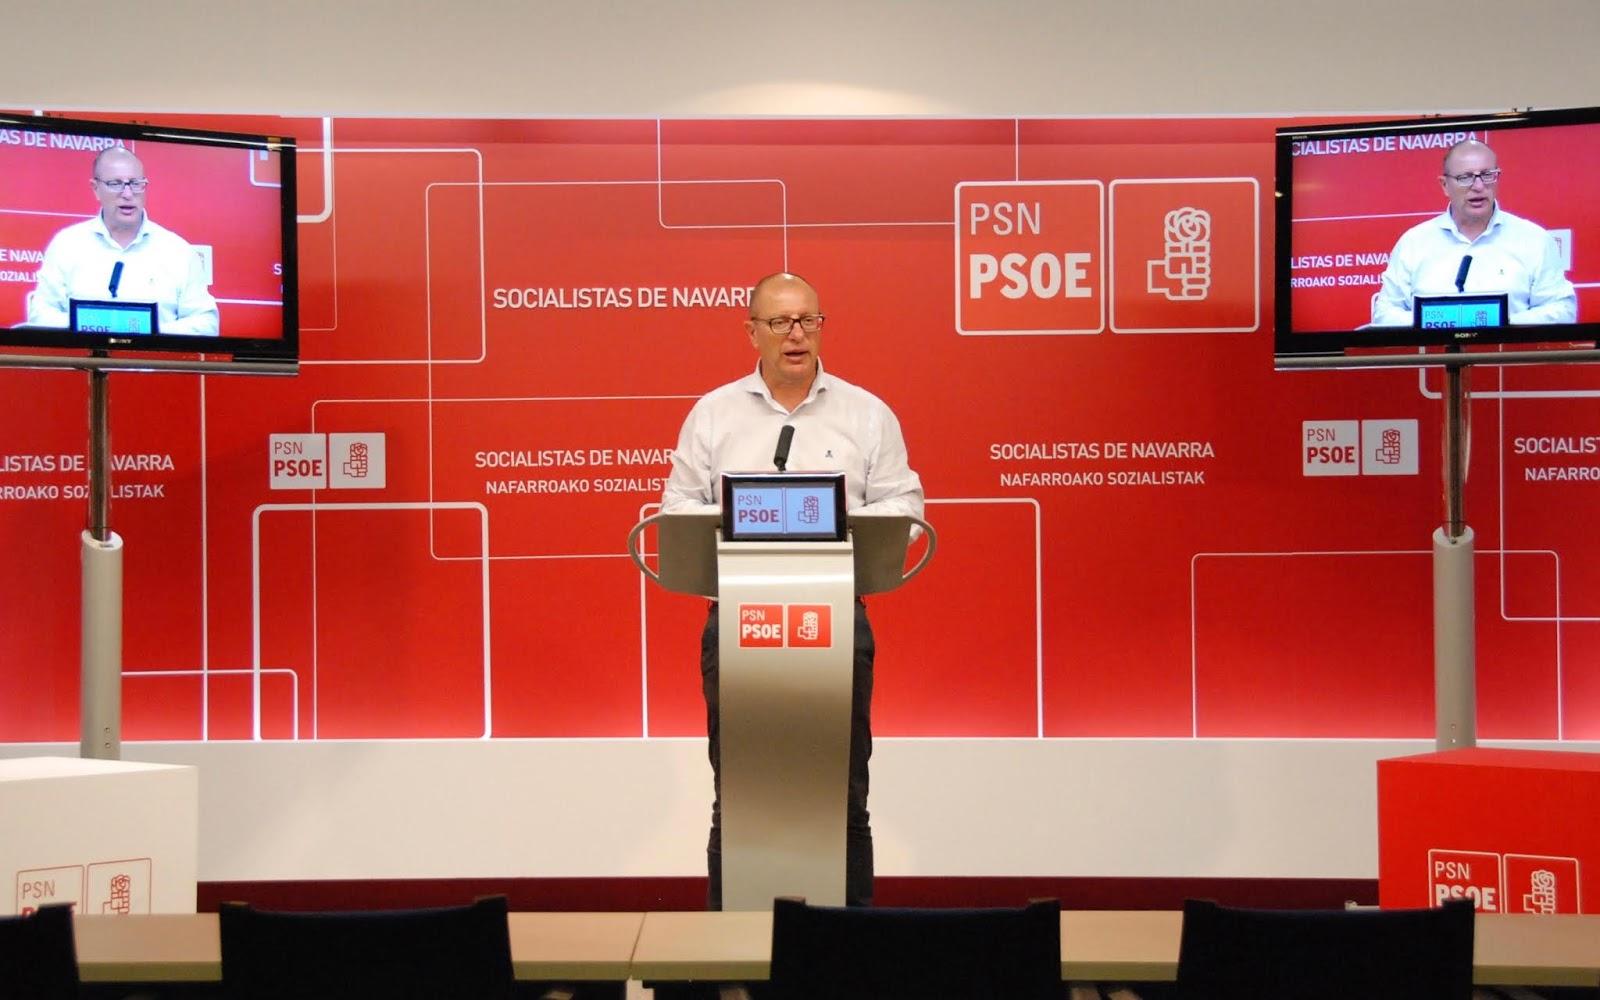 El PSN-PSOE presenta una ley para regular la escolarización y el reparto equilibrado del alumnado entre la enseñanza pública y concertada